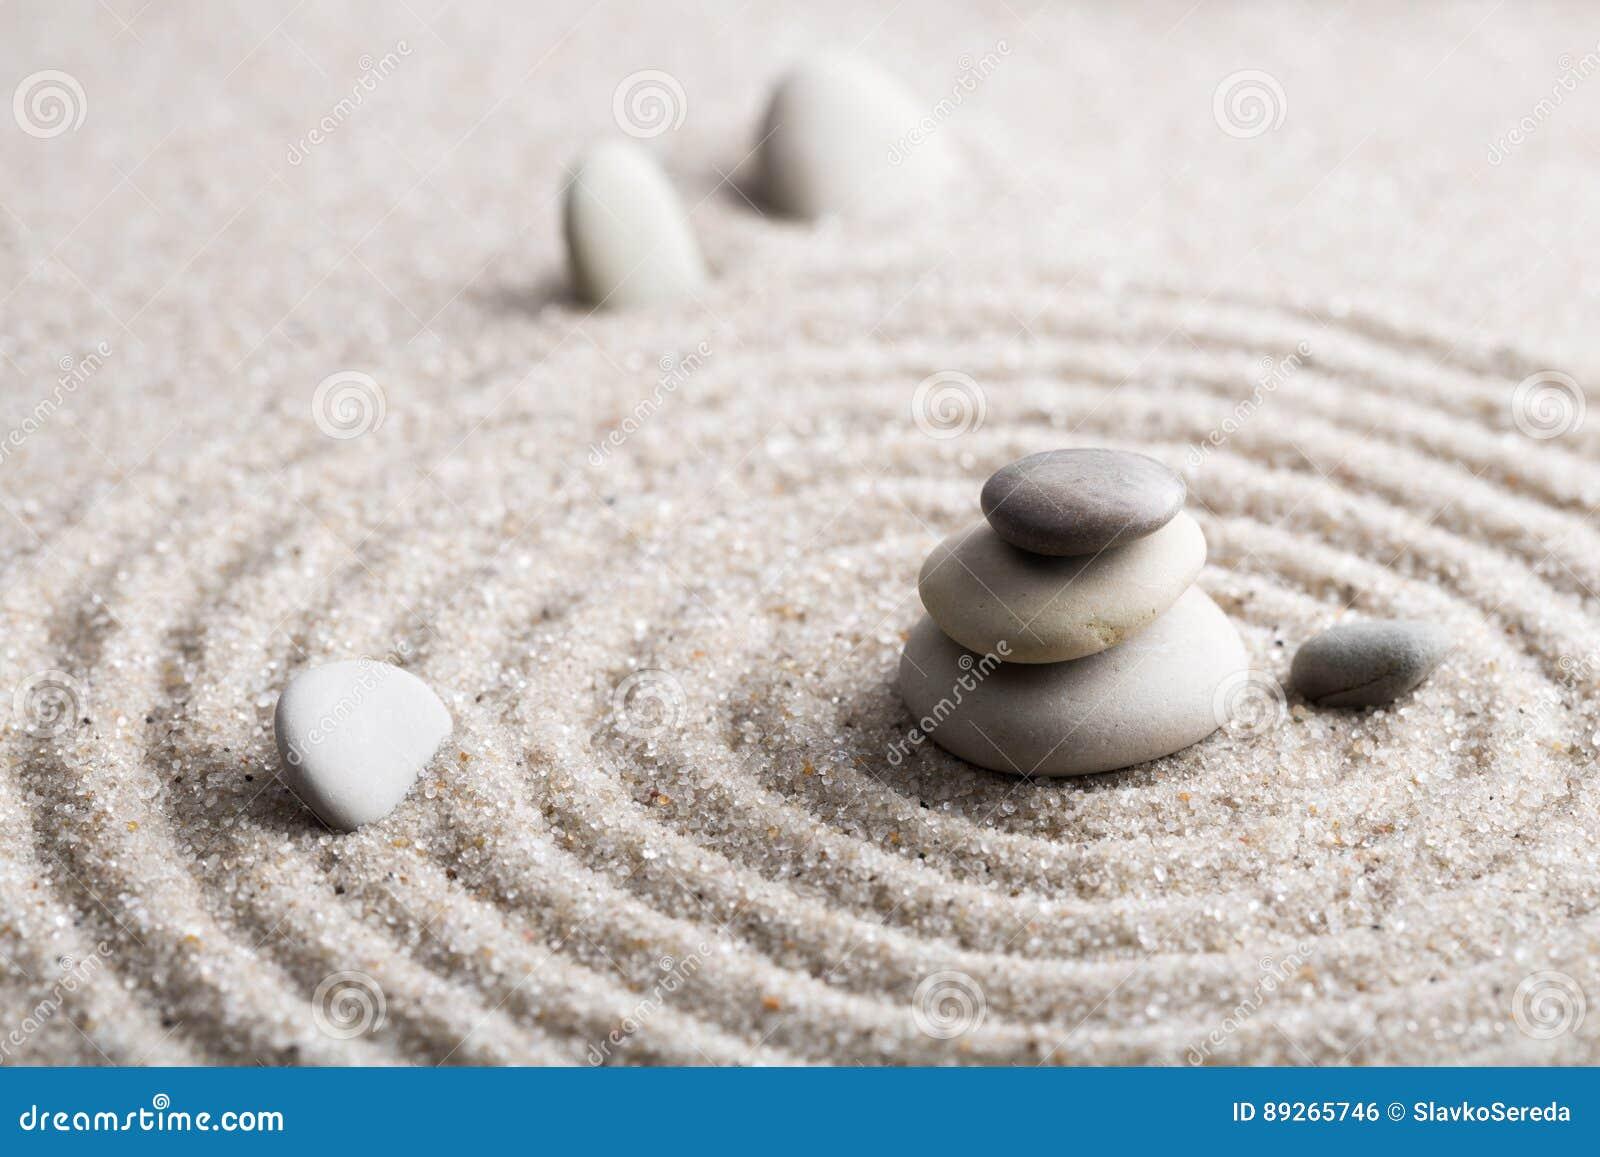 De Japanse de meditatiesteen van de zentuin voor concentratie en de ontspanning schuren en schommelen voor harmonie en saldo in z